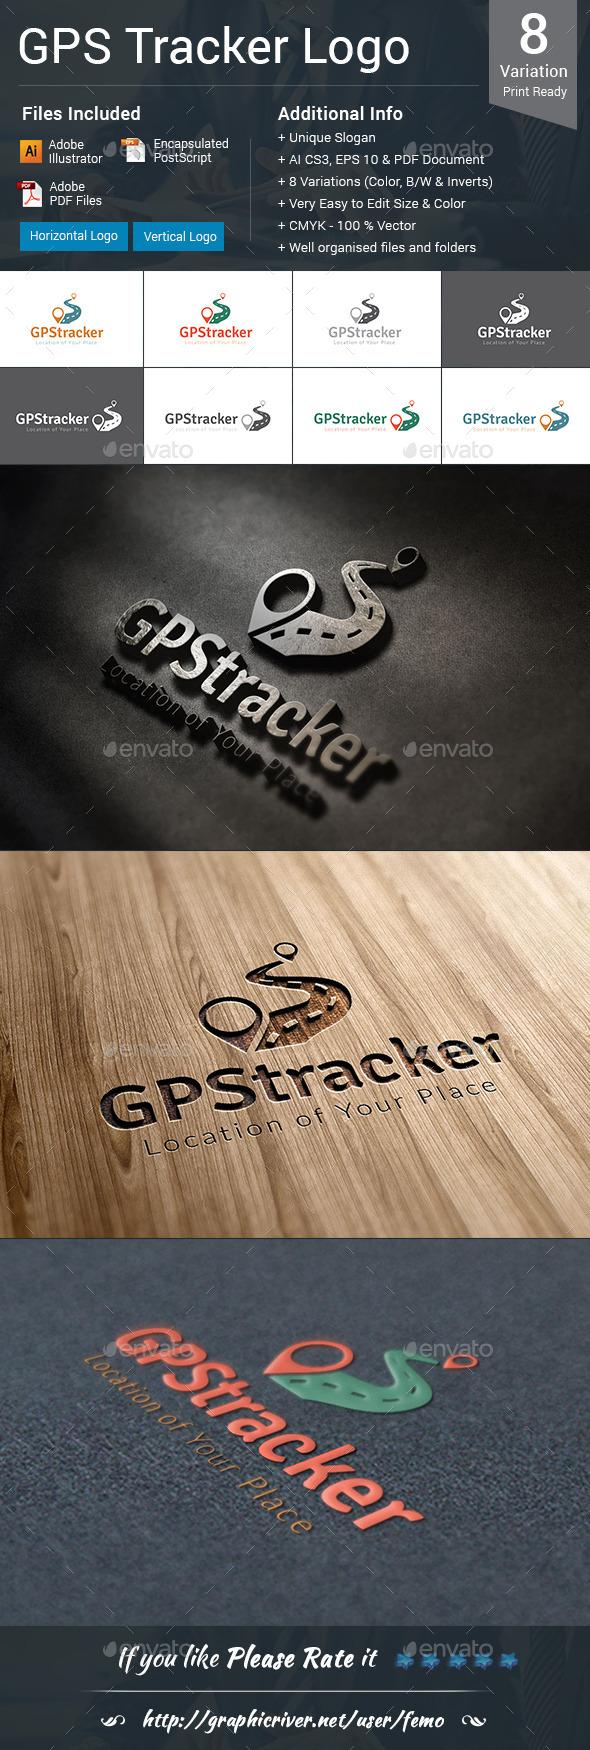 GPS Tracker Logo